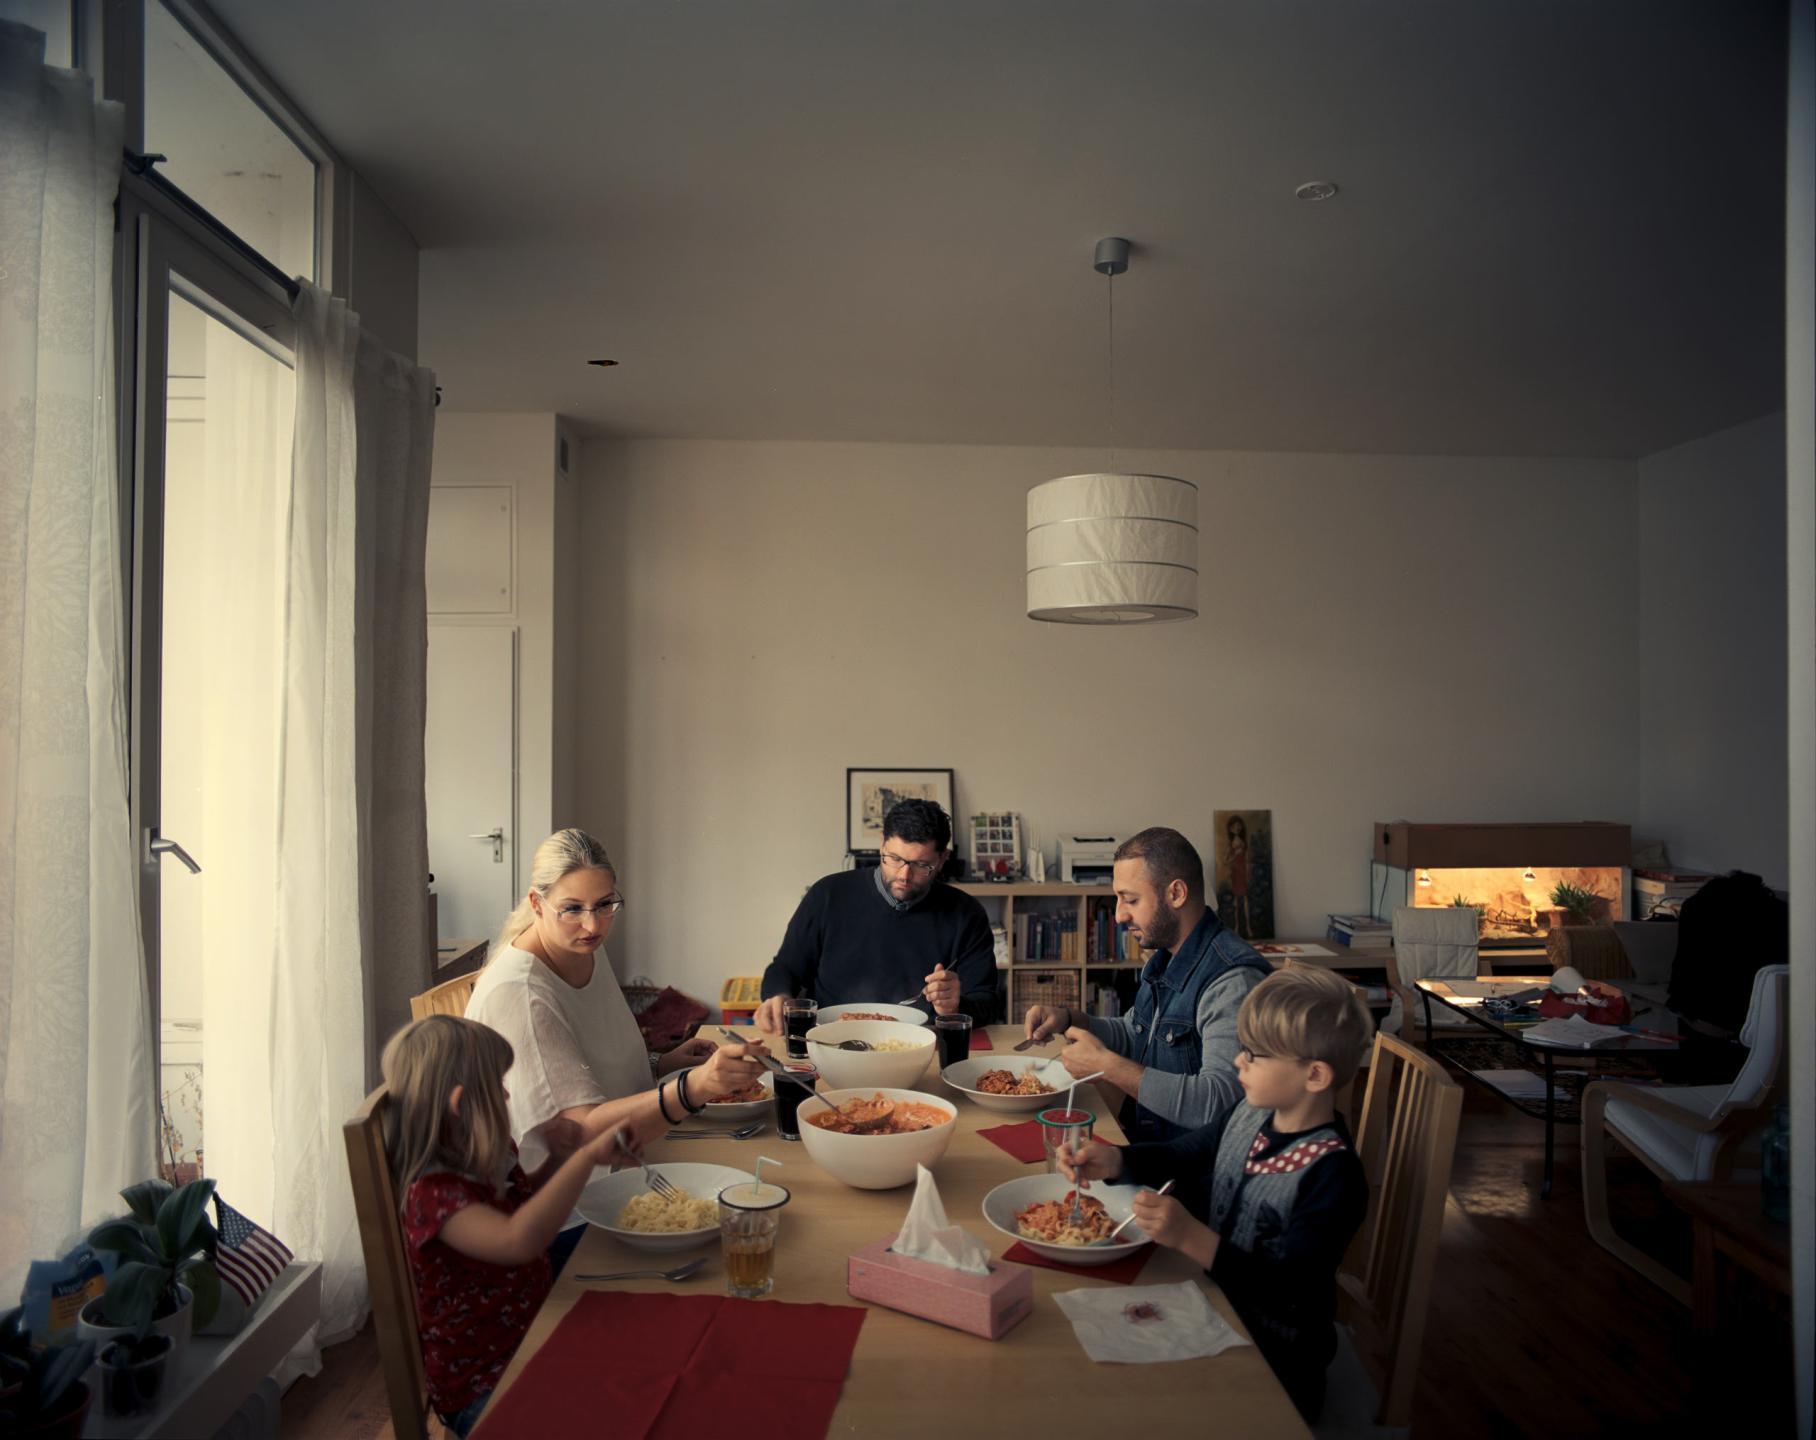 фотографии беженцев в Европе, сирийцы, афганцы-7